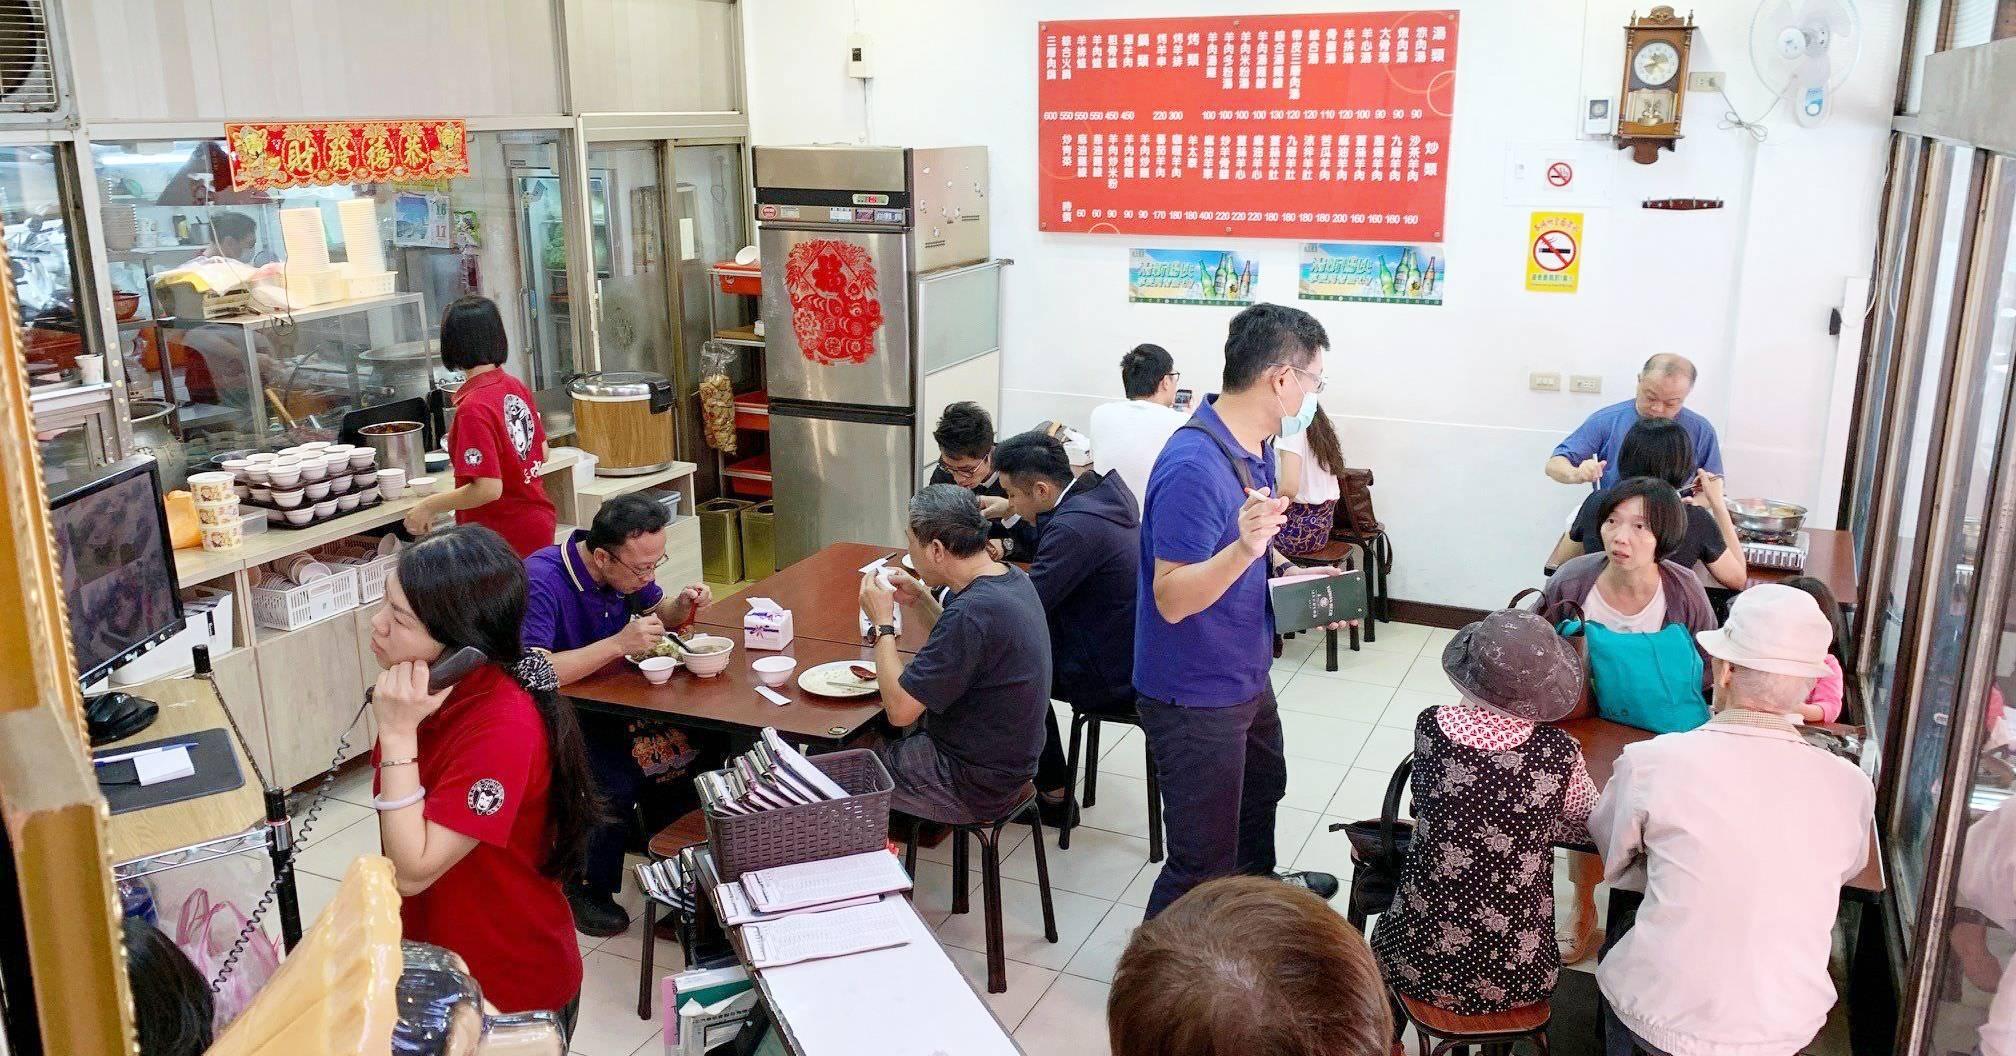 下港吔羊肉爐,台北羊肉爐,下港吔羊肉爐菜單 @Nash,神之領域